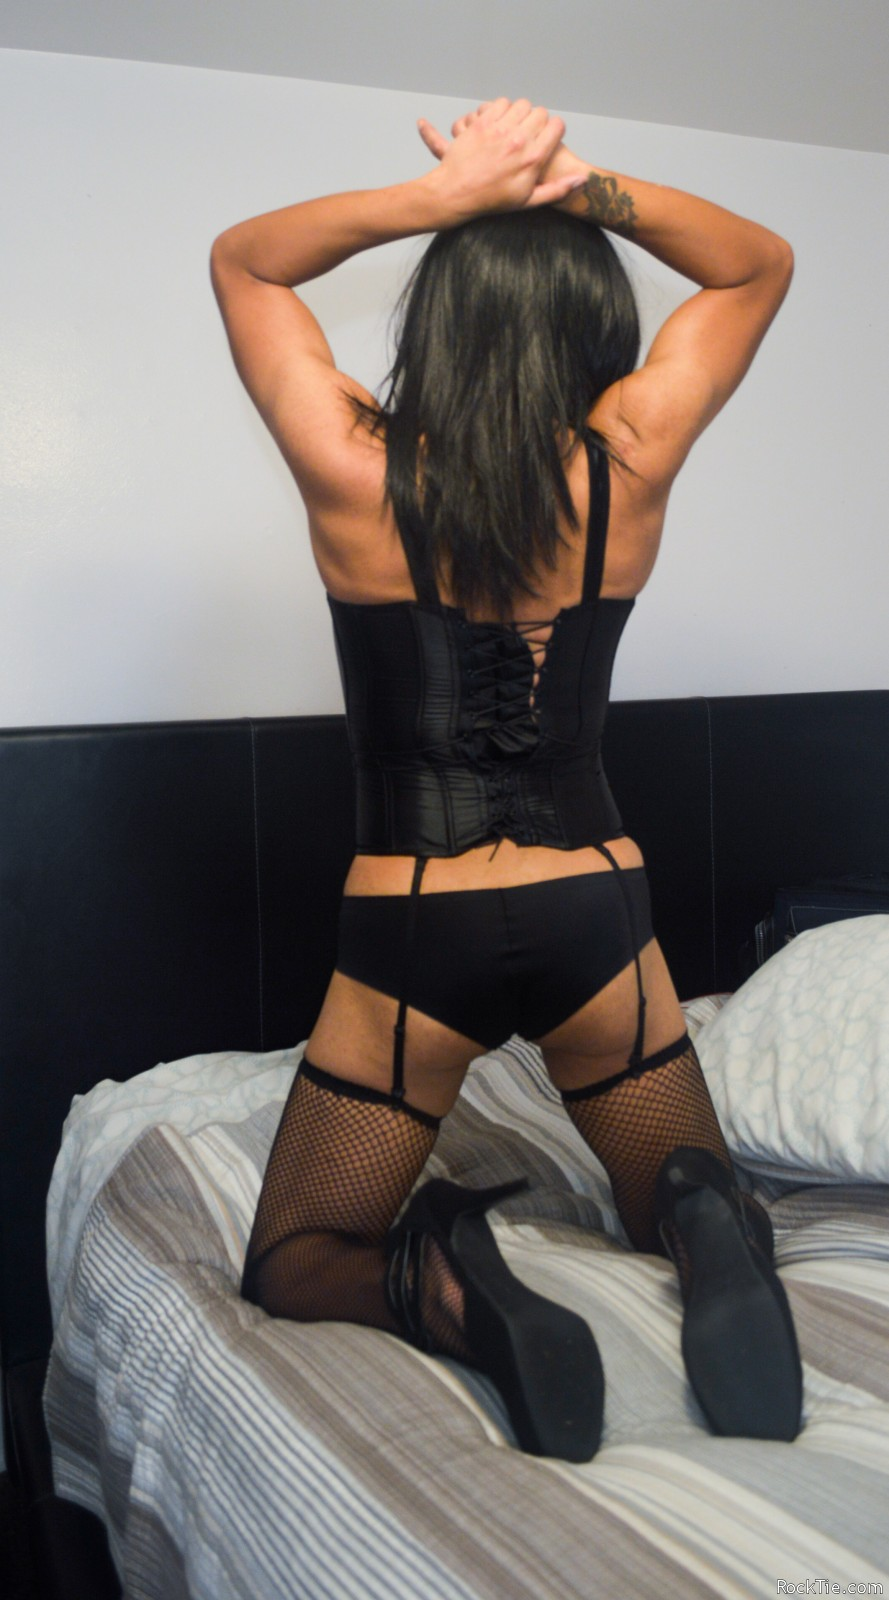 want meet sweet House Wife Hidden Camera love sexxx. like